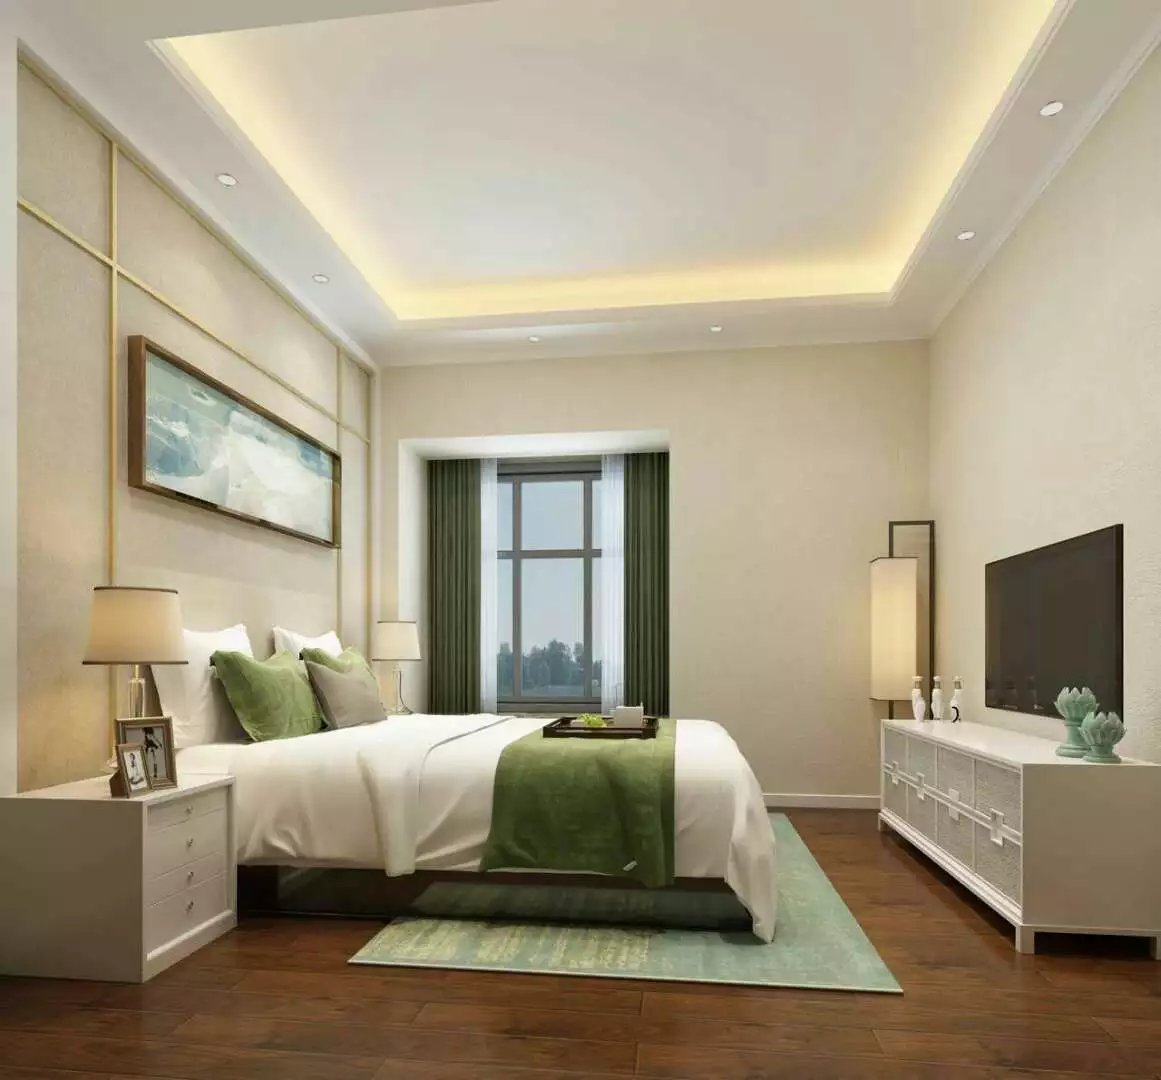 豪华中式装修卧室效果图